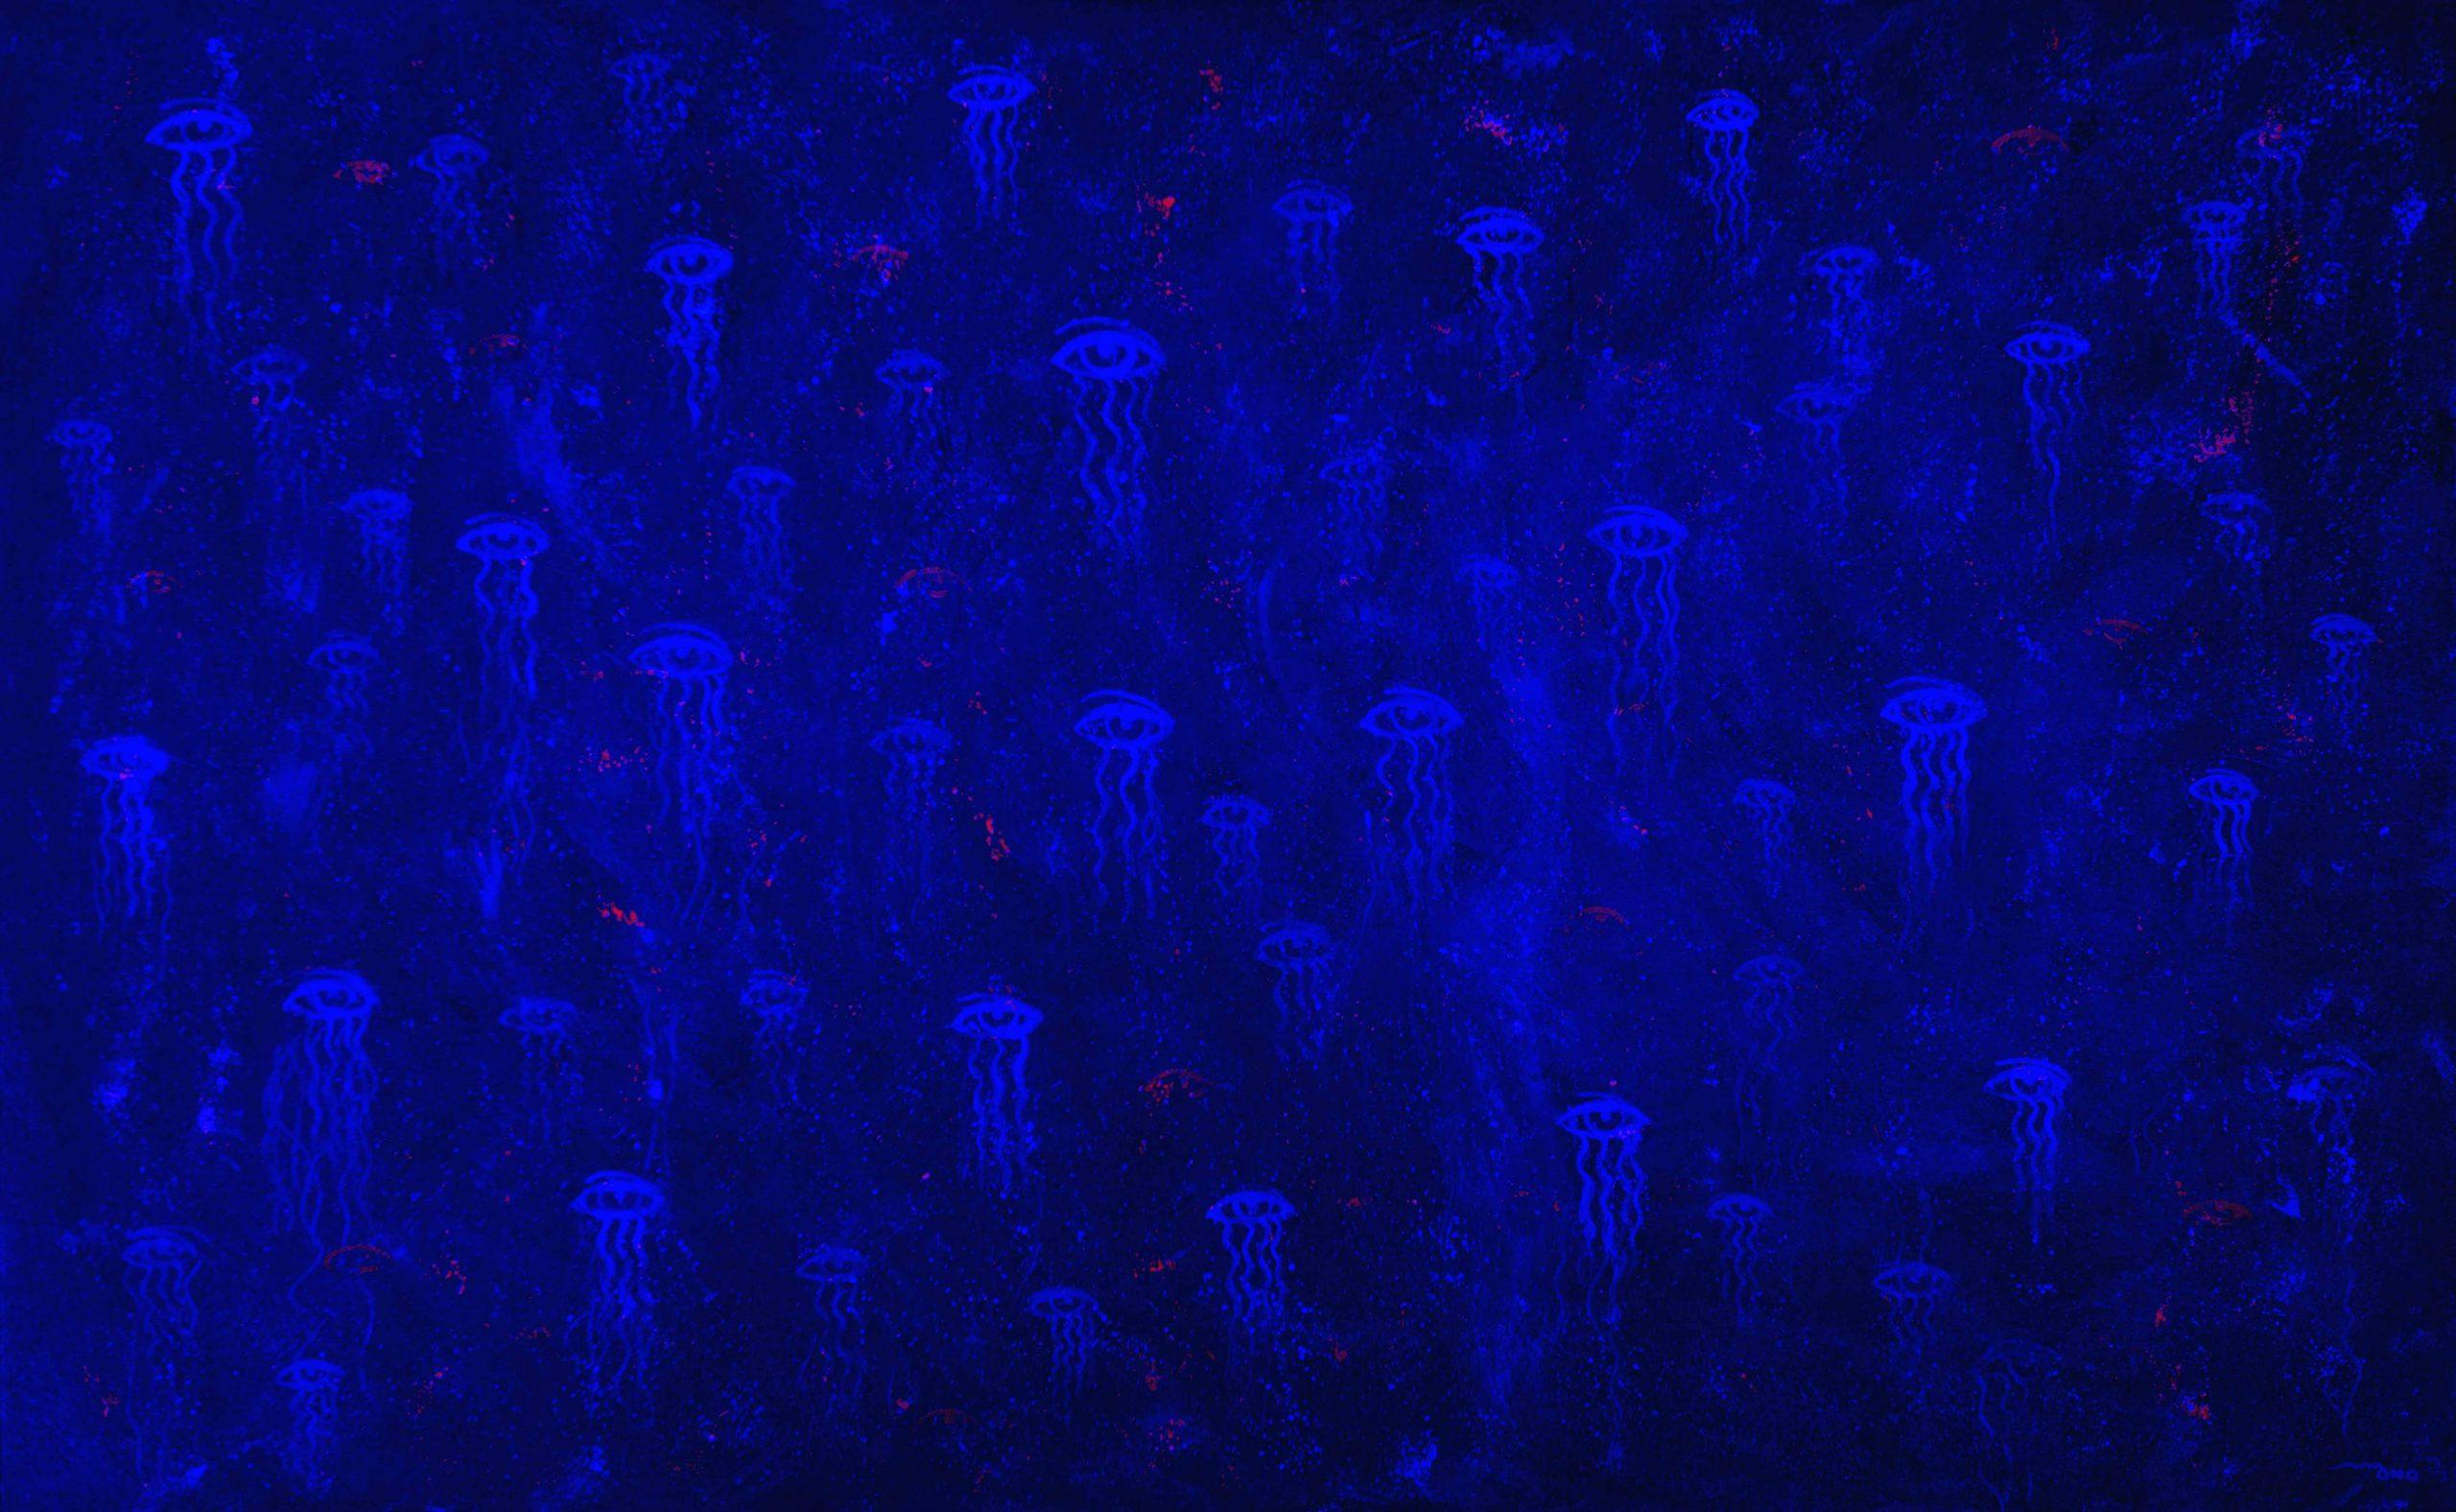 Acrílica sobre tela - 95 x 155 cm - c/ projeção de luz azul